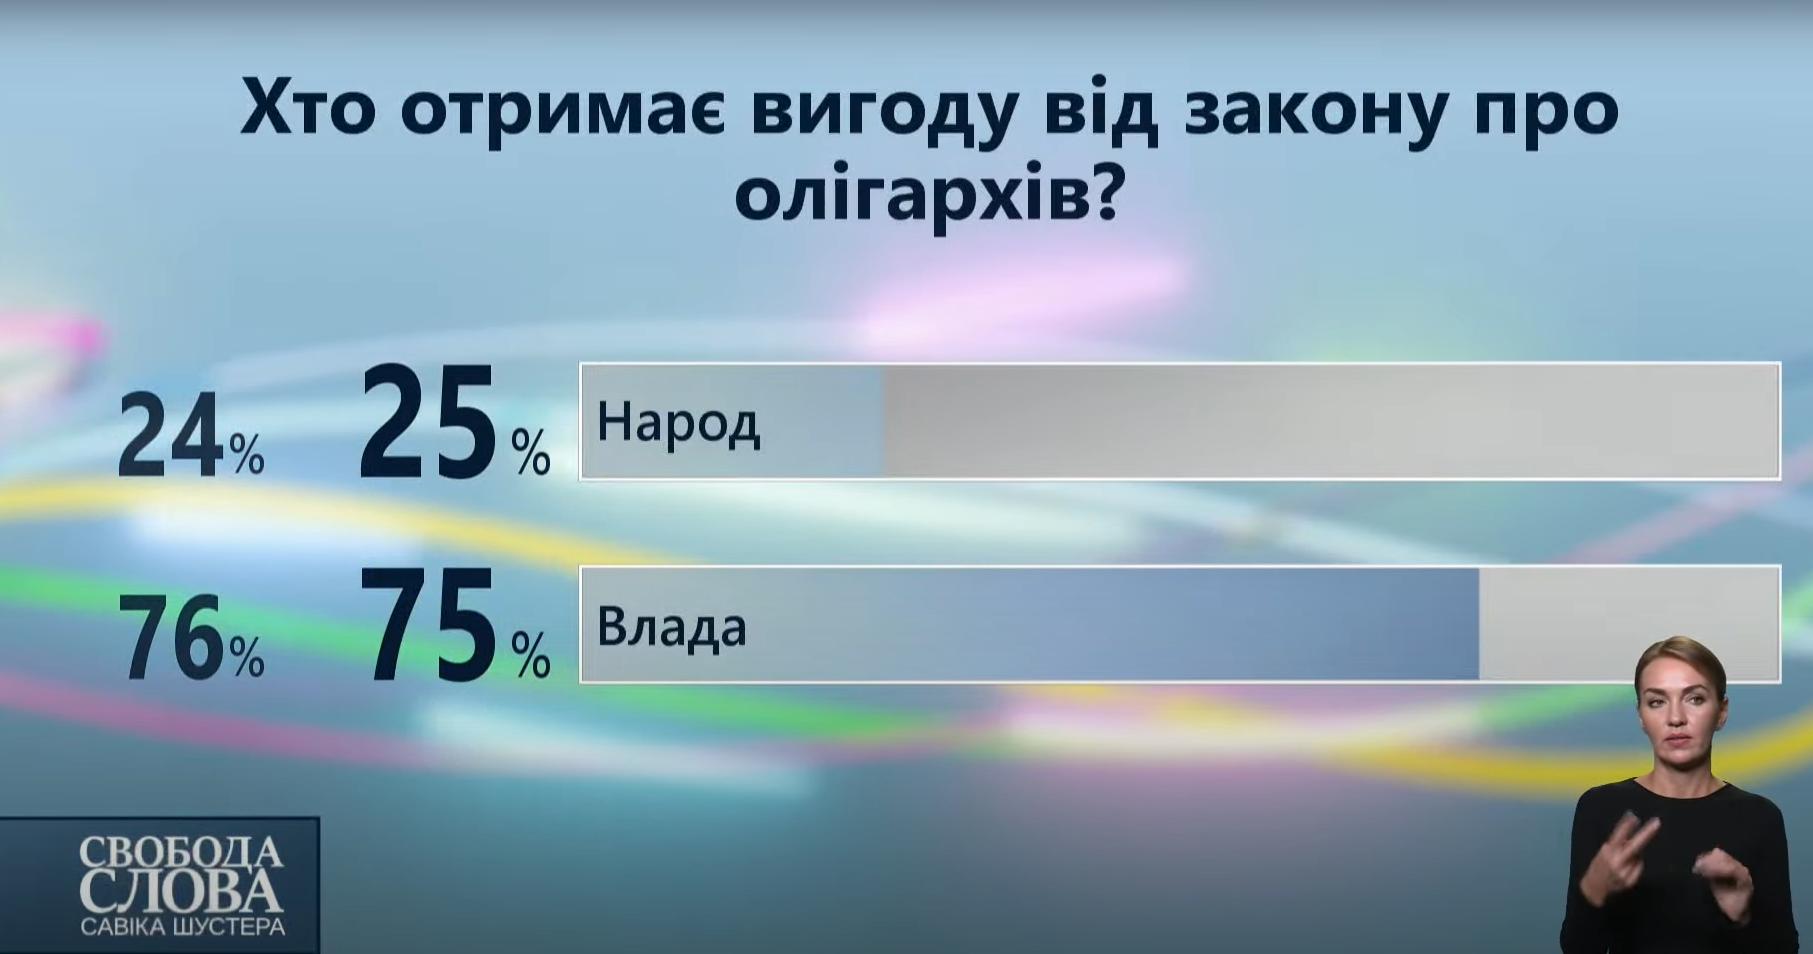 Результати опитування.